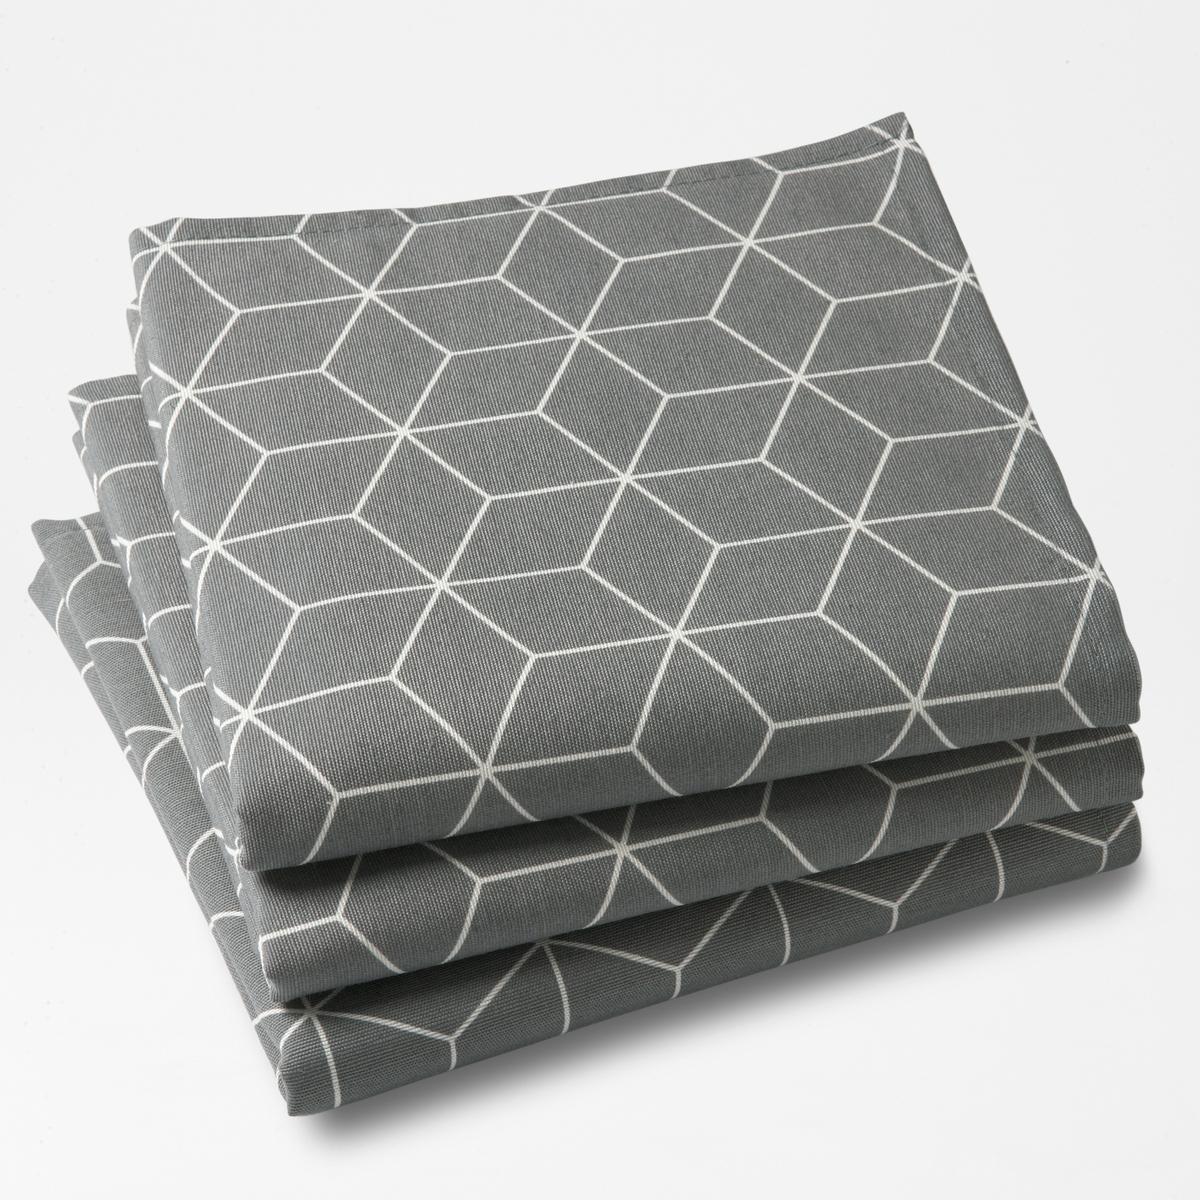 Комплект из 3 салфеток DIAMOND La Redoute La Redoute 45 x 45 см серый комплект из салфеток из la redoute льна и хлопка border 45 x 45 см бежевый